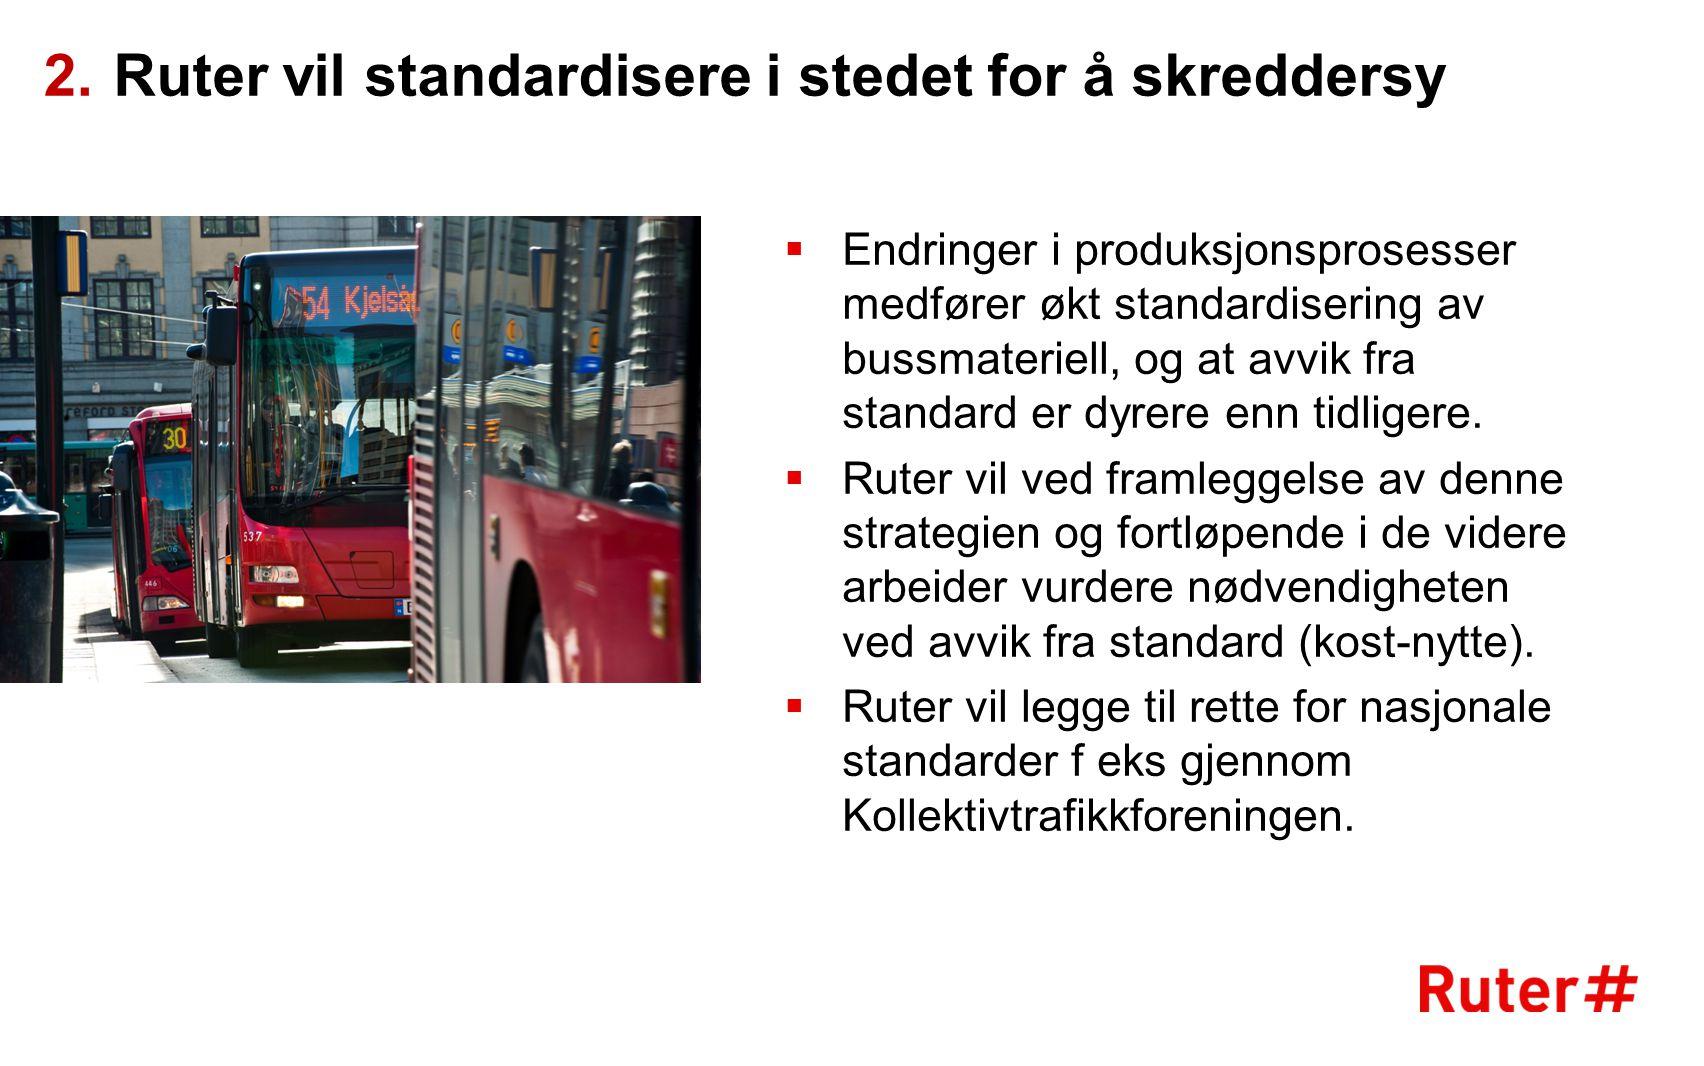 Ruter vil standardisere i stedet for å skreddersy